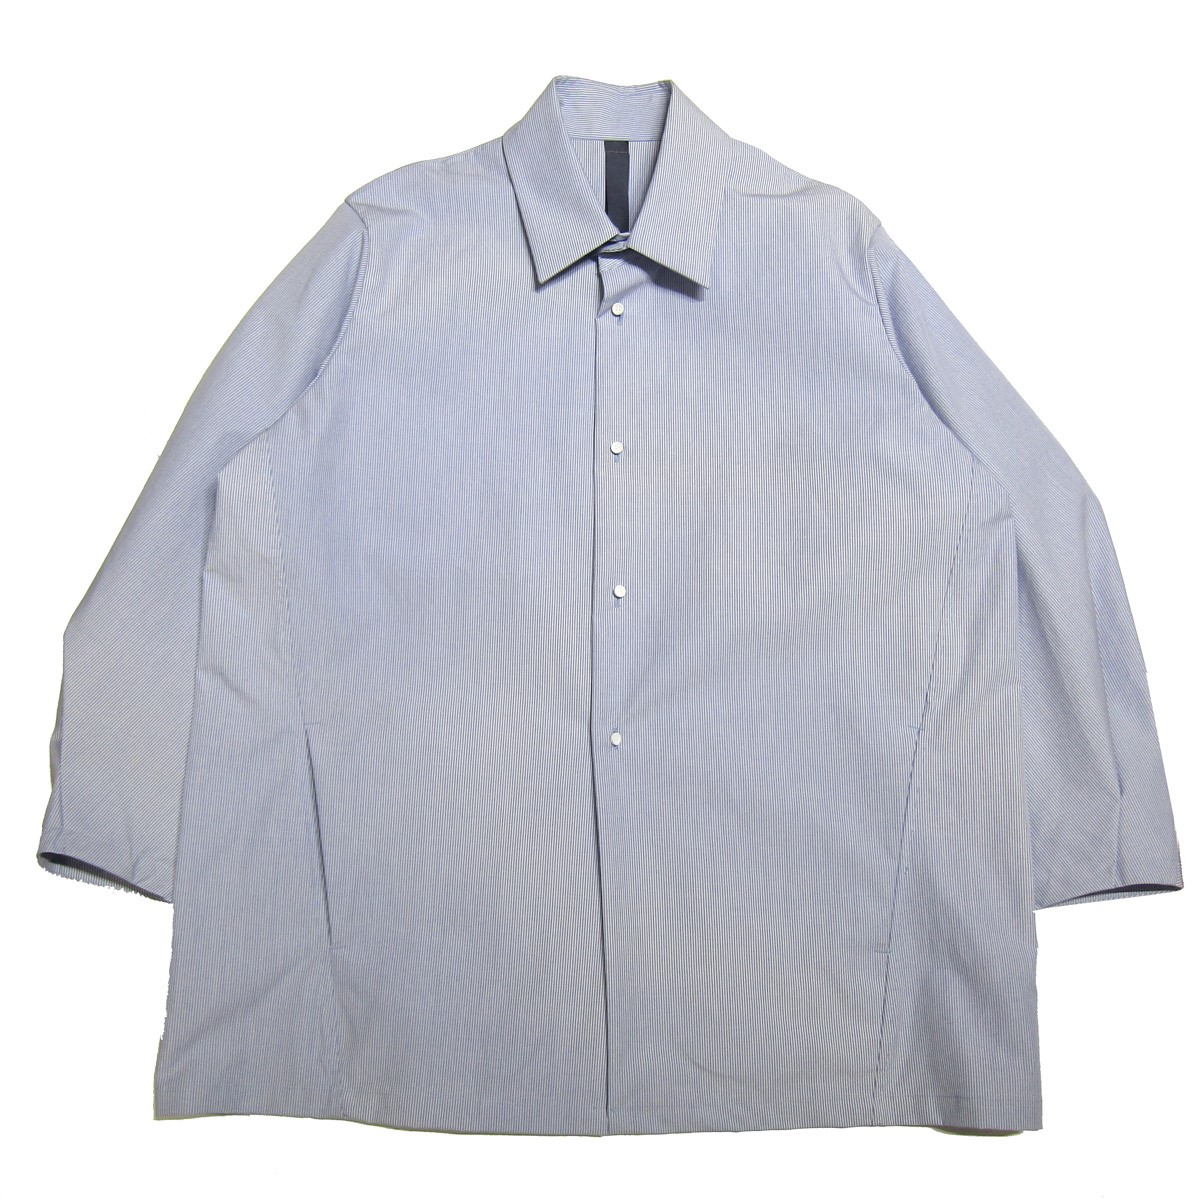 【中古】SHINYA KOZUKA 2020SS shirtish jacket/シャツジャケット ブルー サイズ:S 【290820】(シンヤ コズカ)